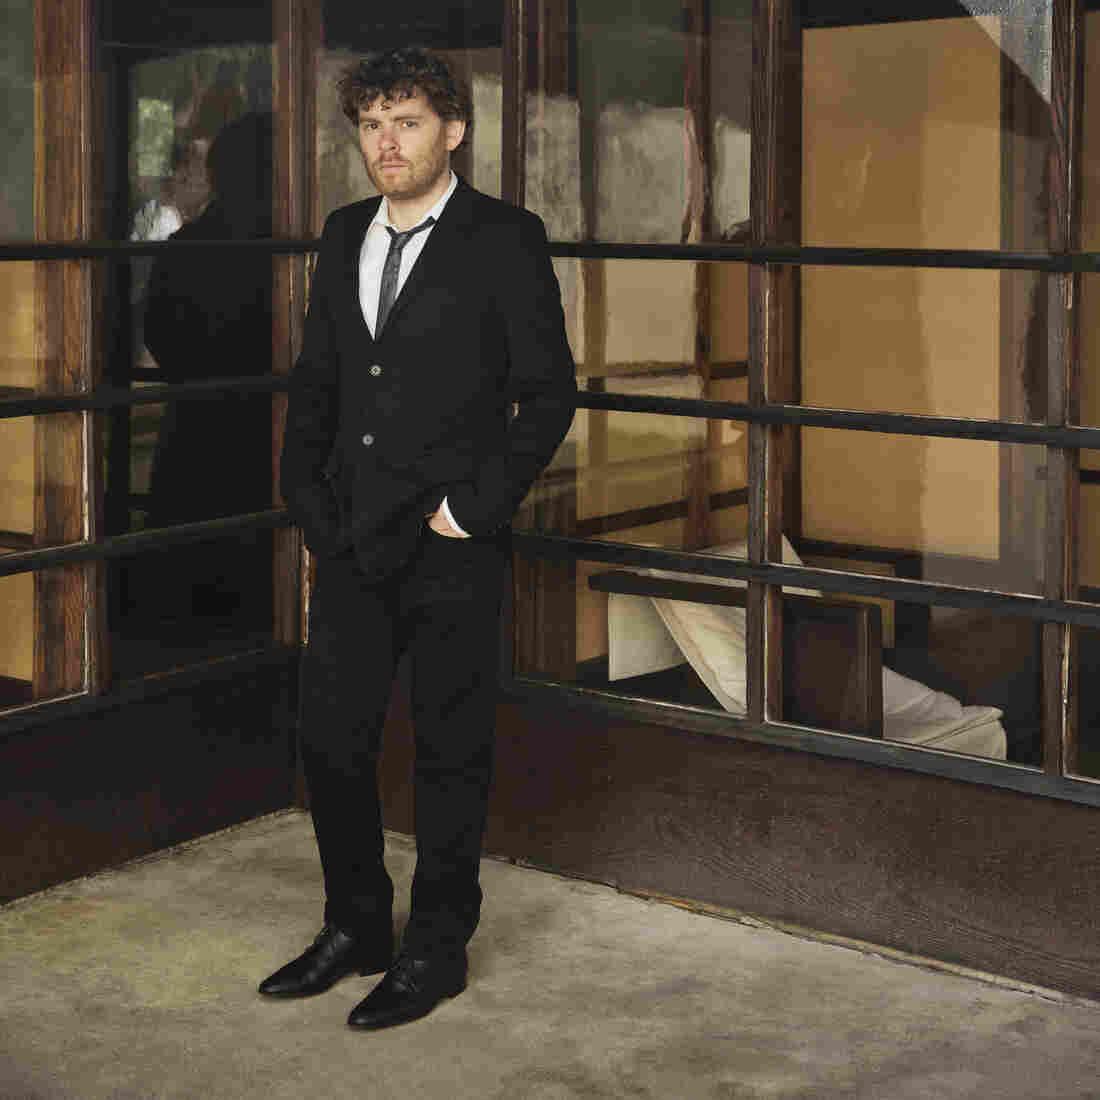 Gabriel Kahane's new album, The Ambassador, comes out June 3.